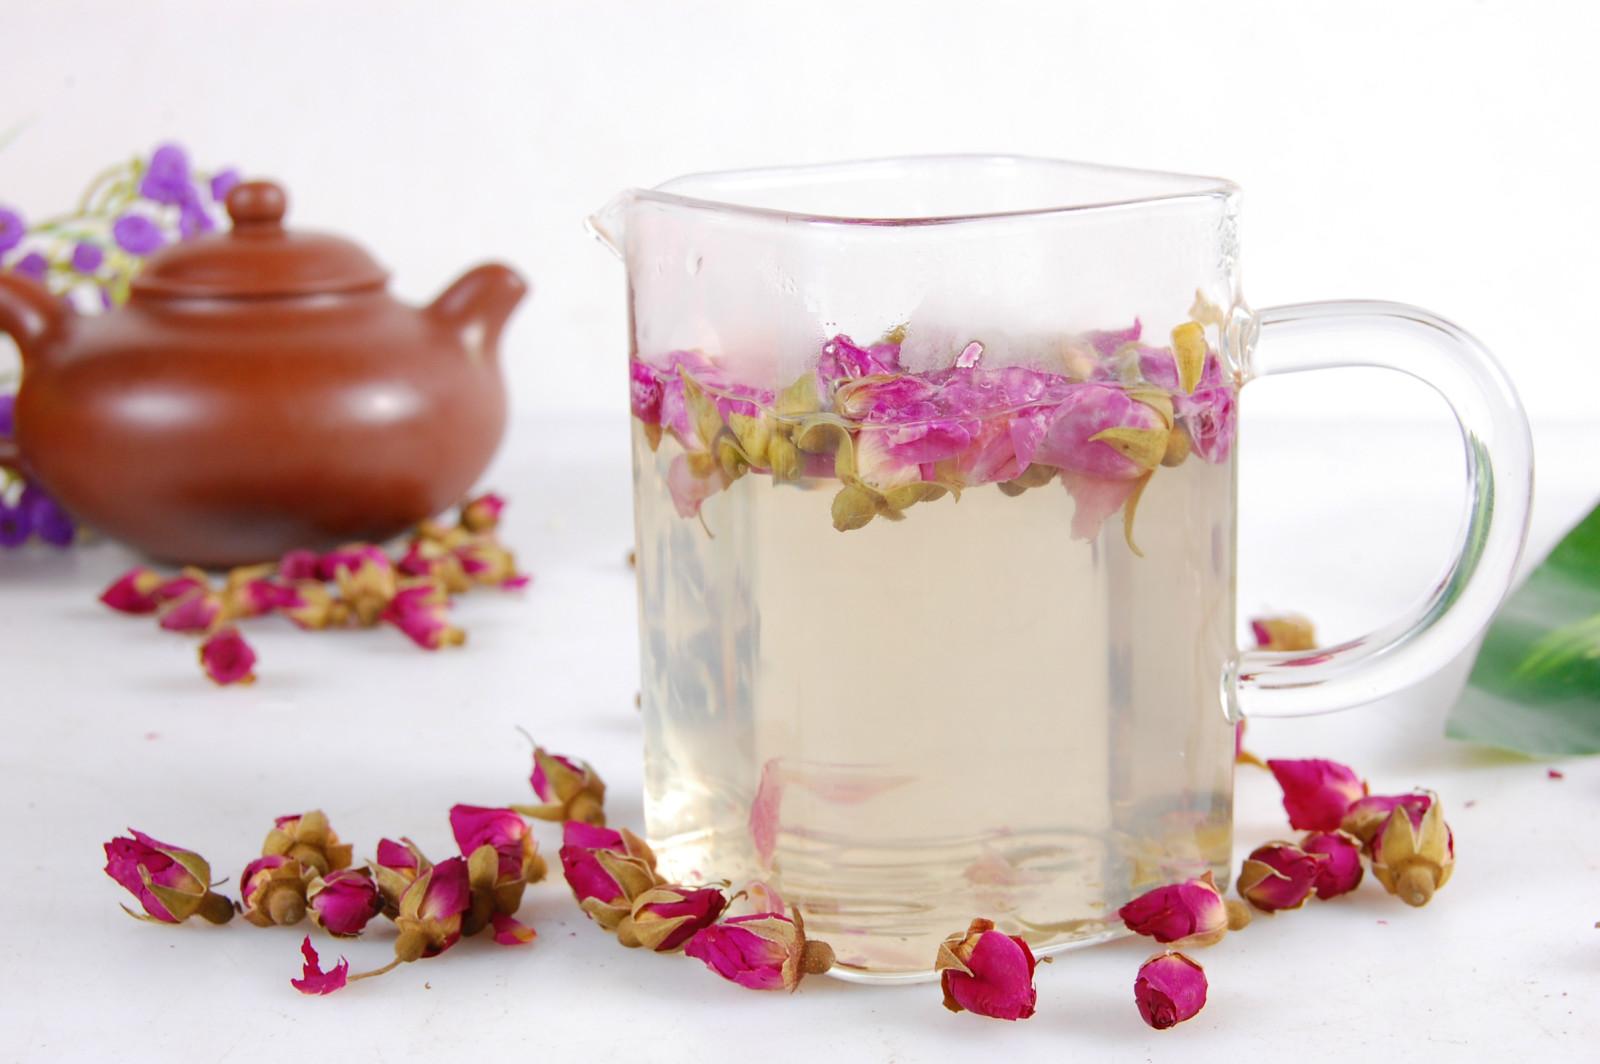 玫瑰花茶加蜂蜜_玫瑰花茶加冰糖会不会影响功效?-